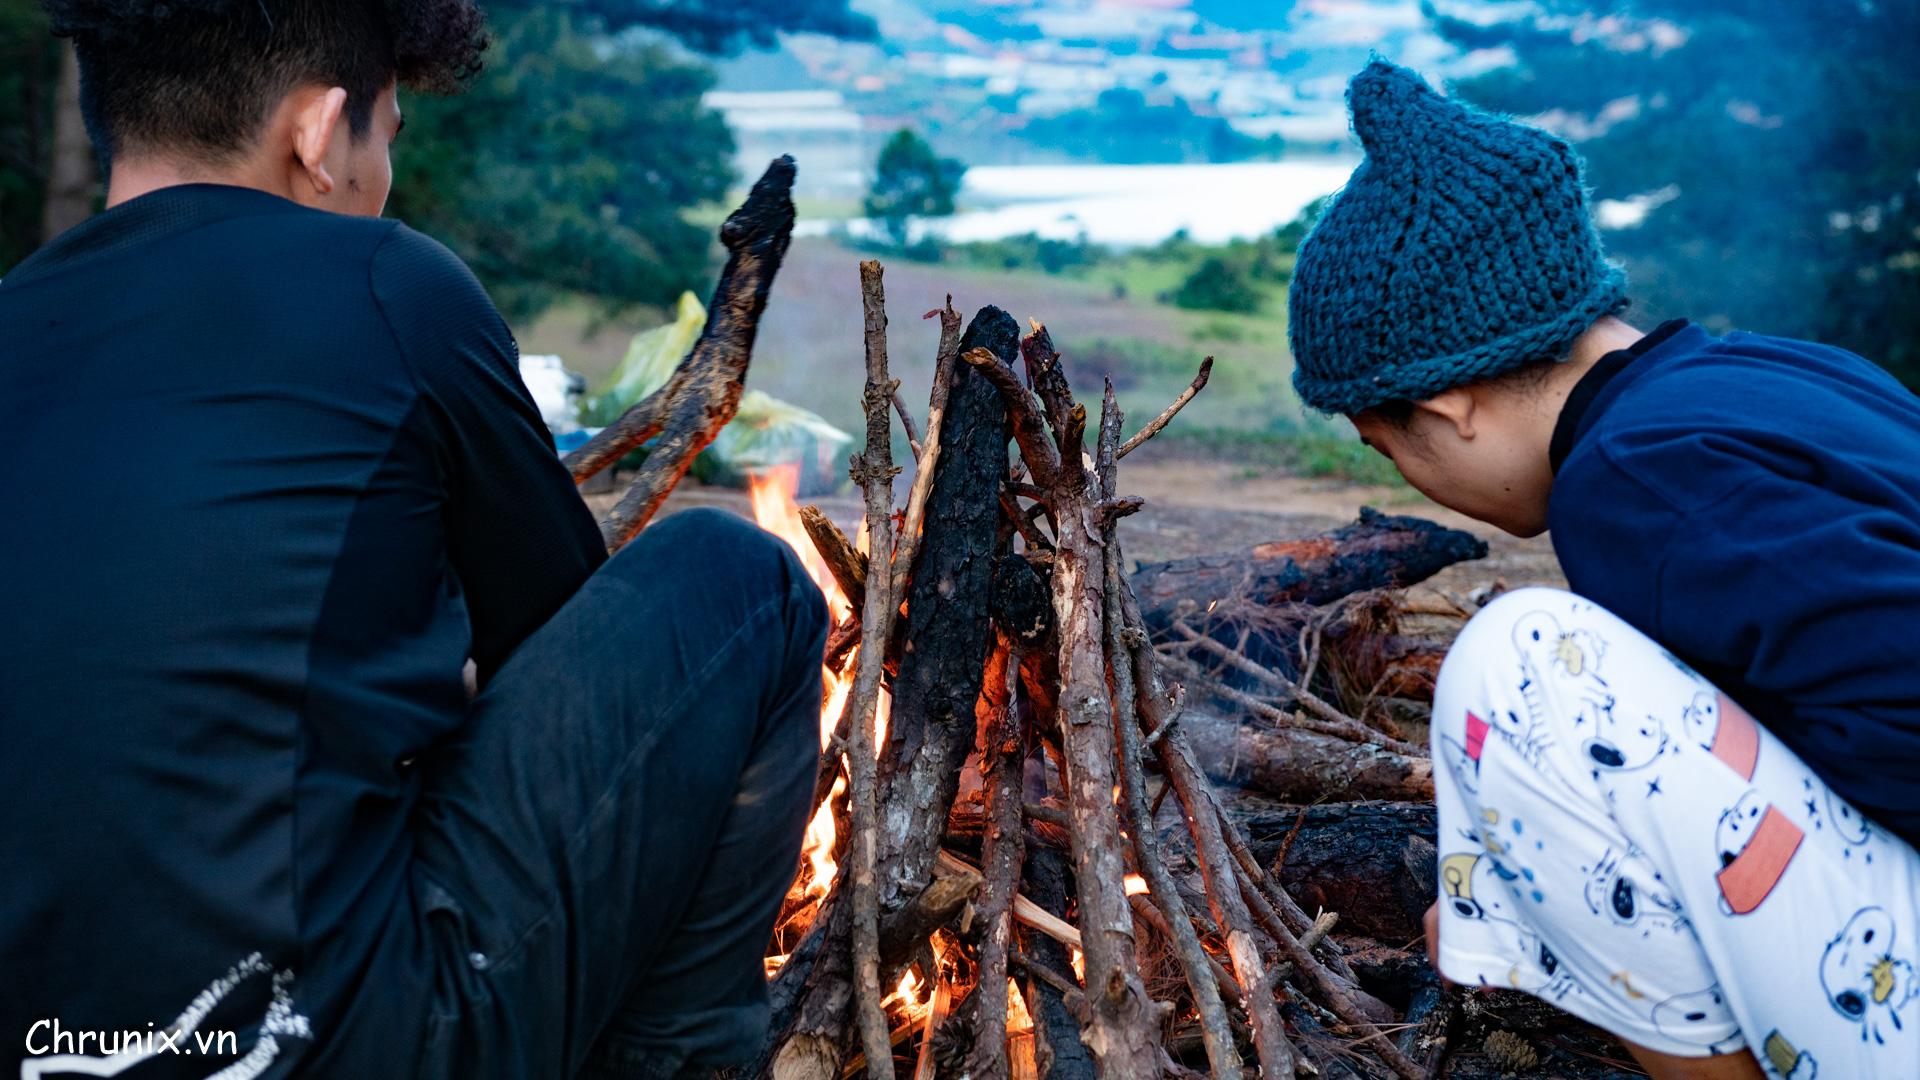 Dalat camping